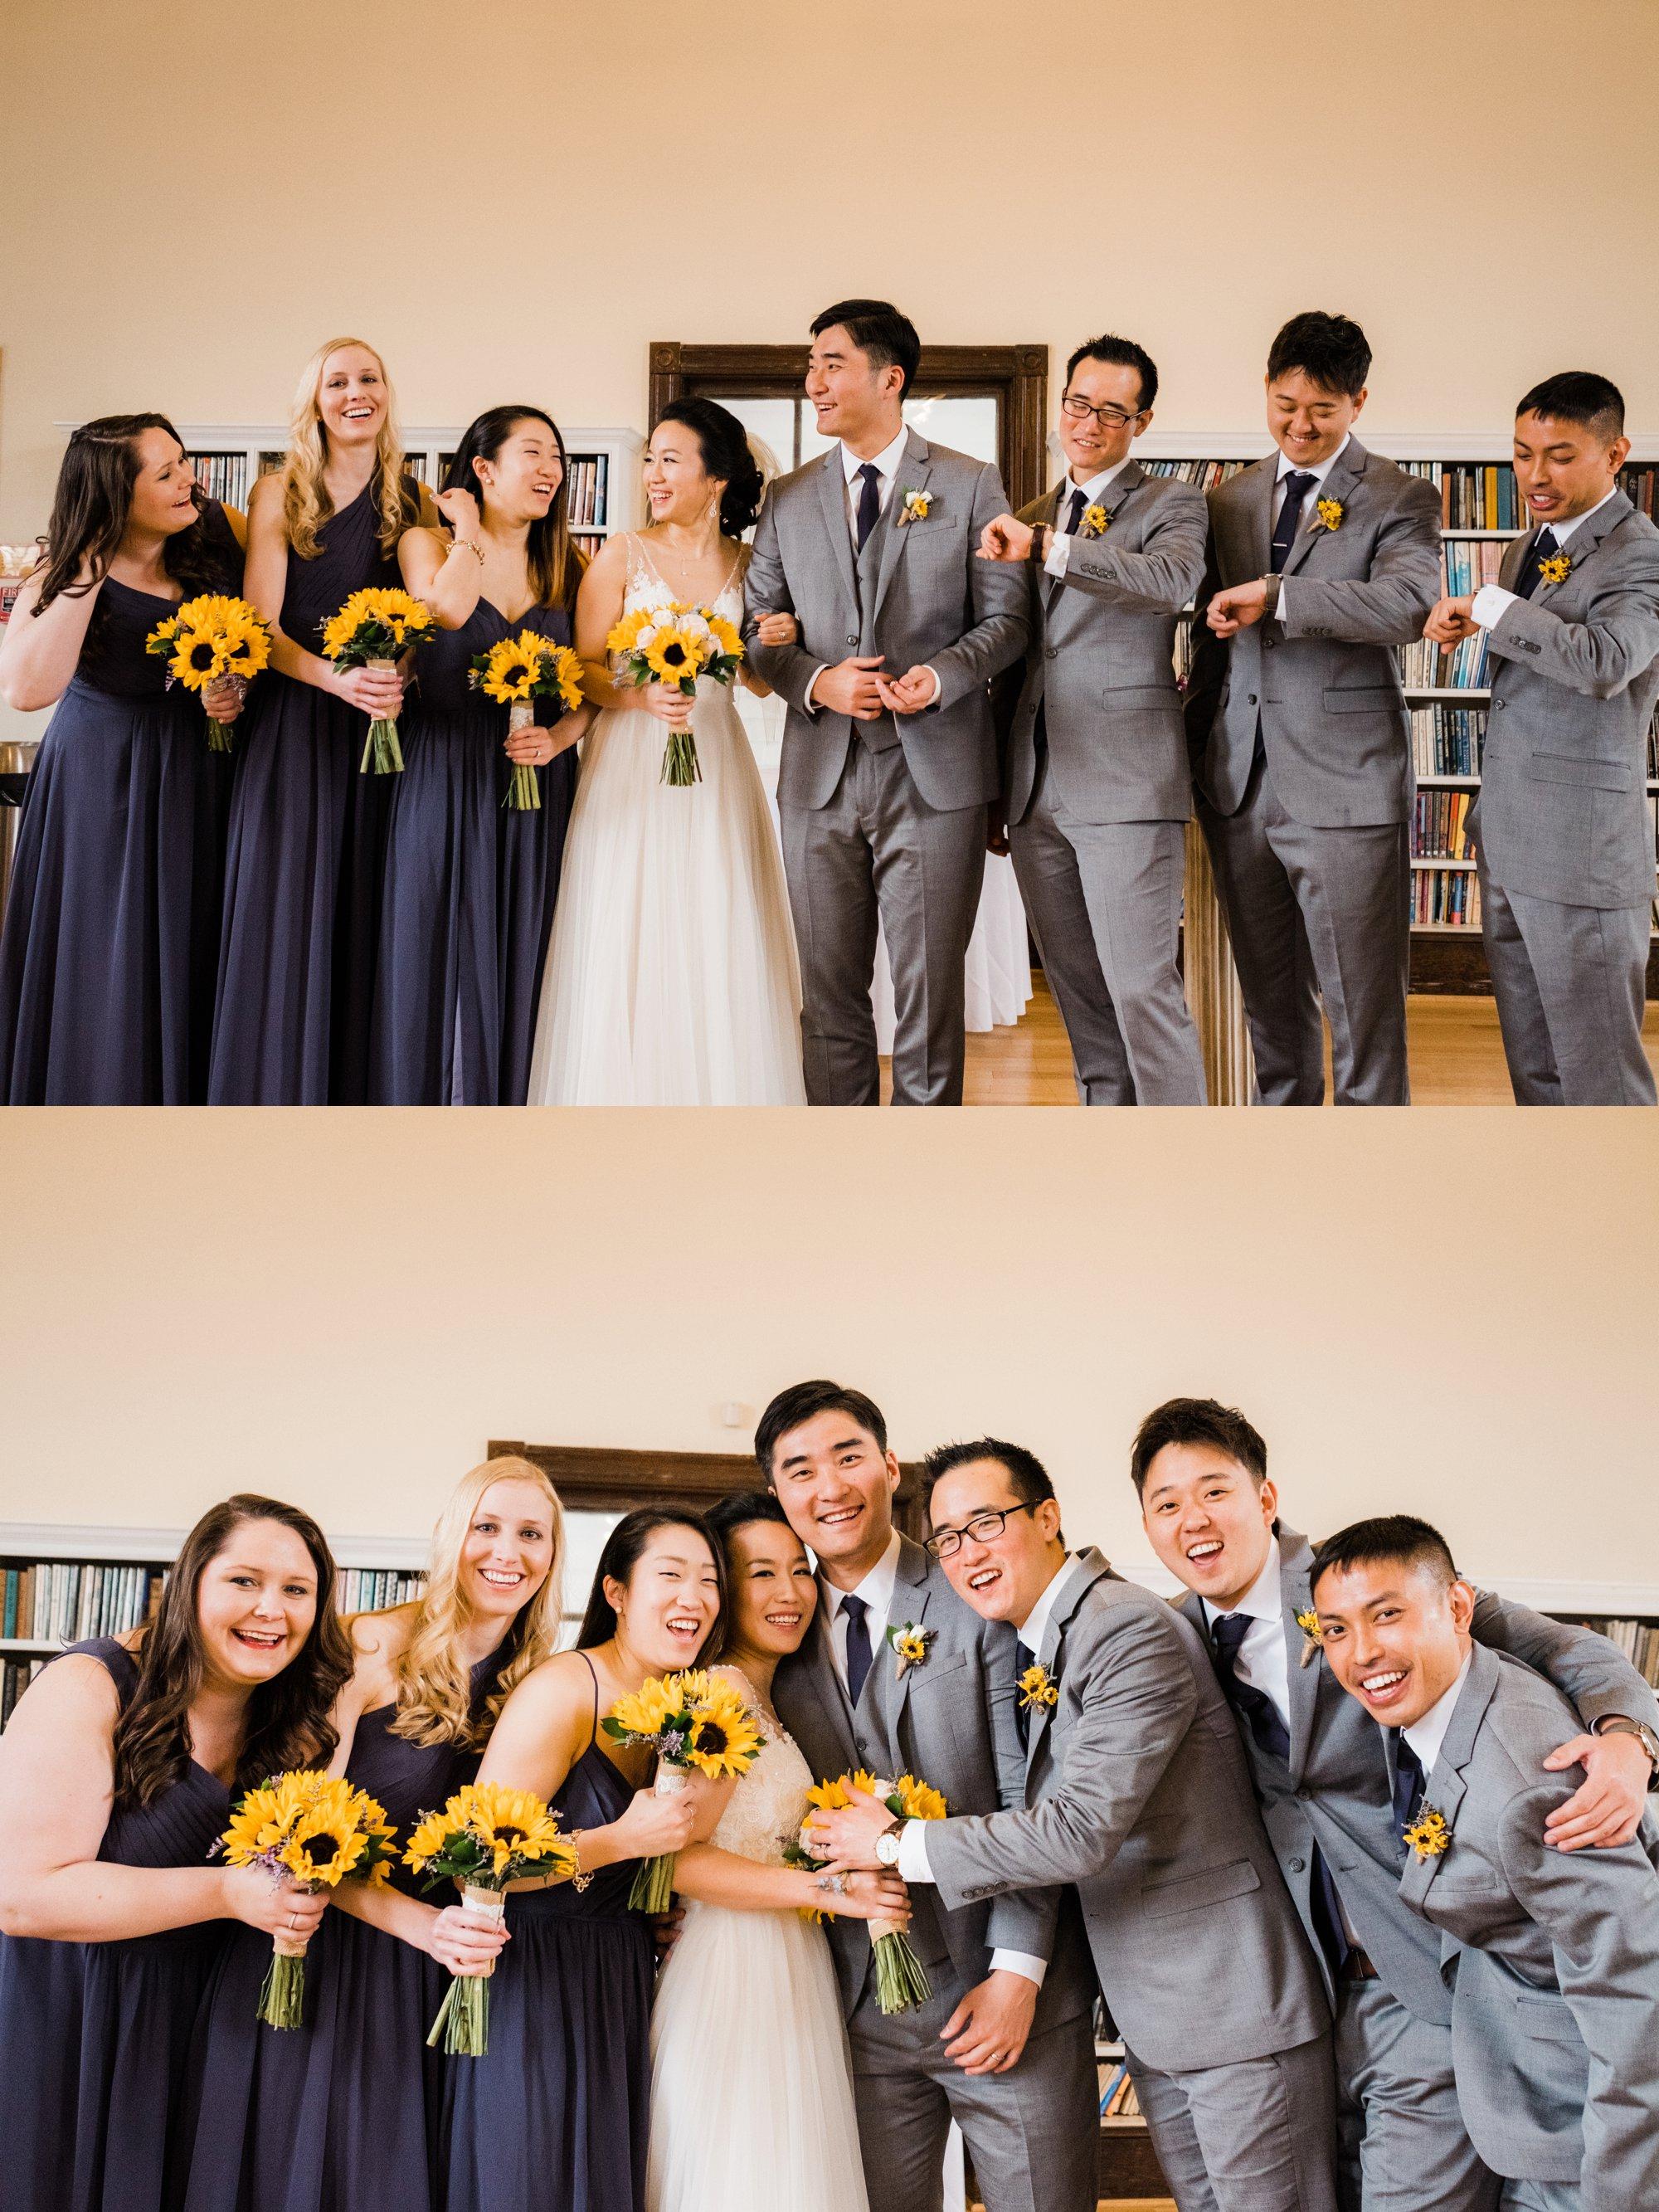 fairfax-dc-wedding-old-city-hall_0124.jpg